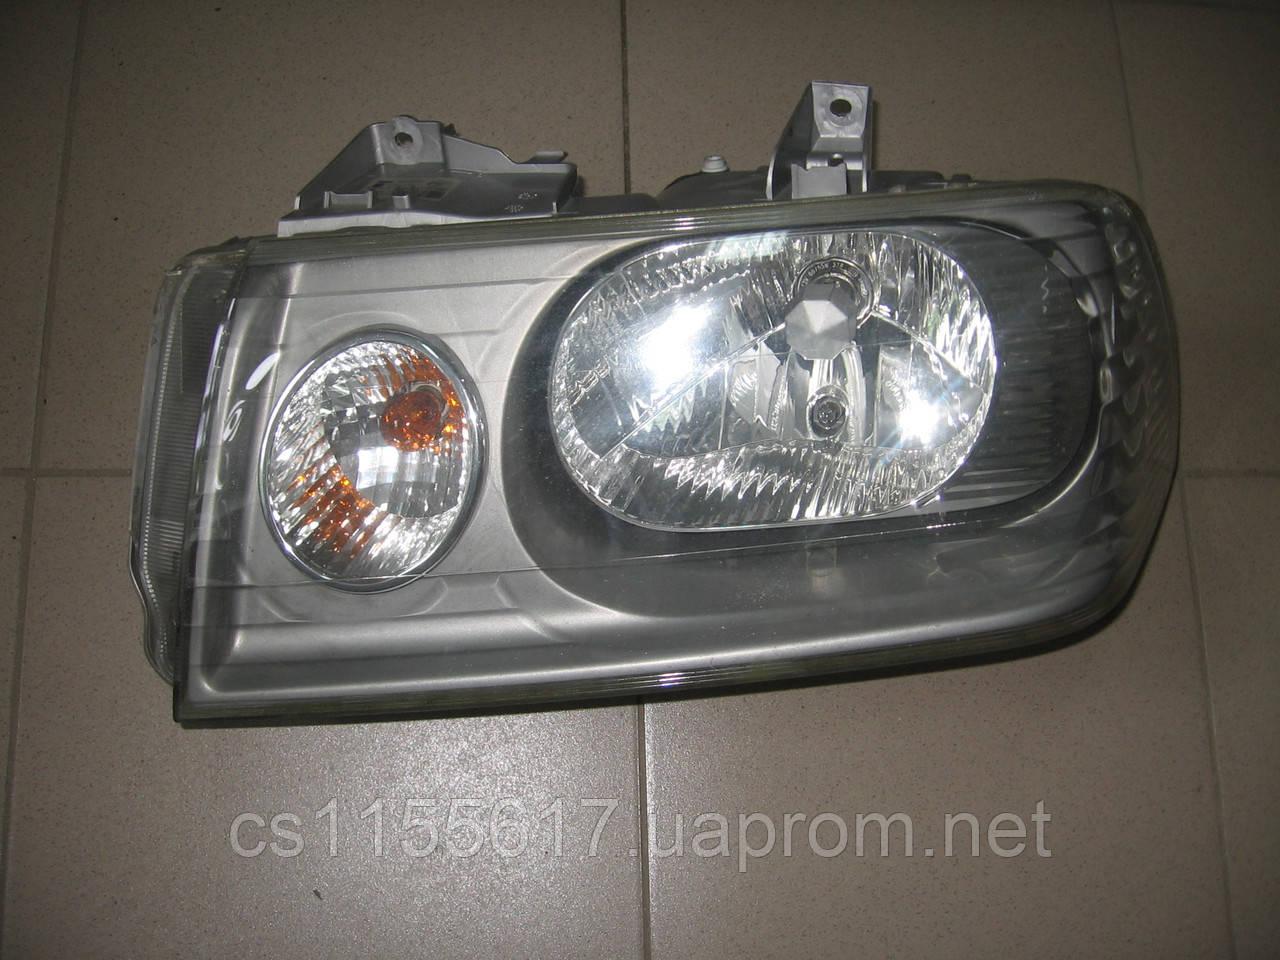 Фара левая (электро) 1499099080 б/у на Citroen Jumpy, Fiat Scudo, Peugeot Expert год 2004-2007